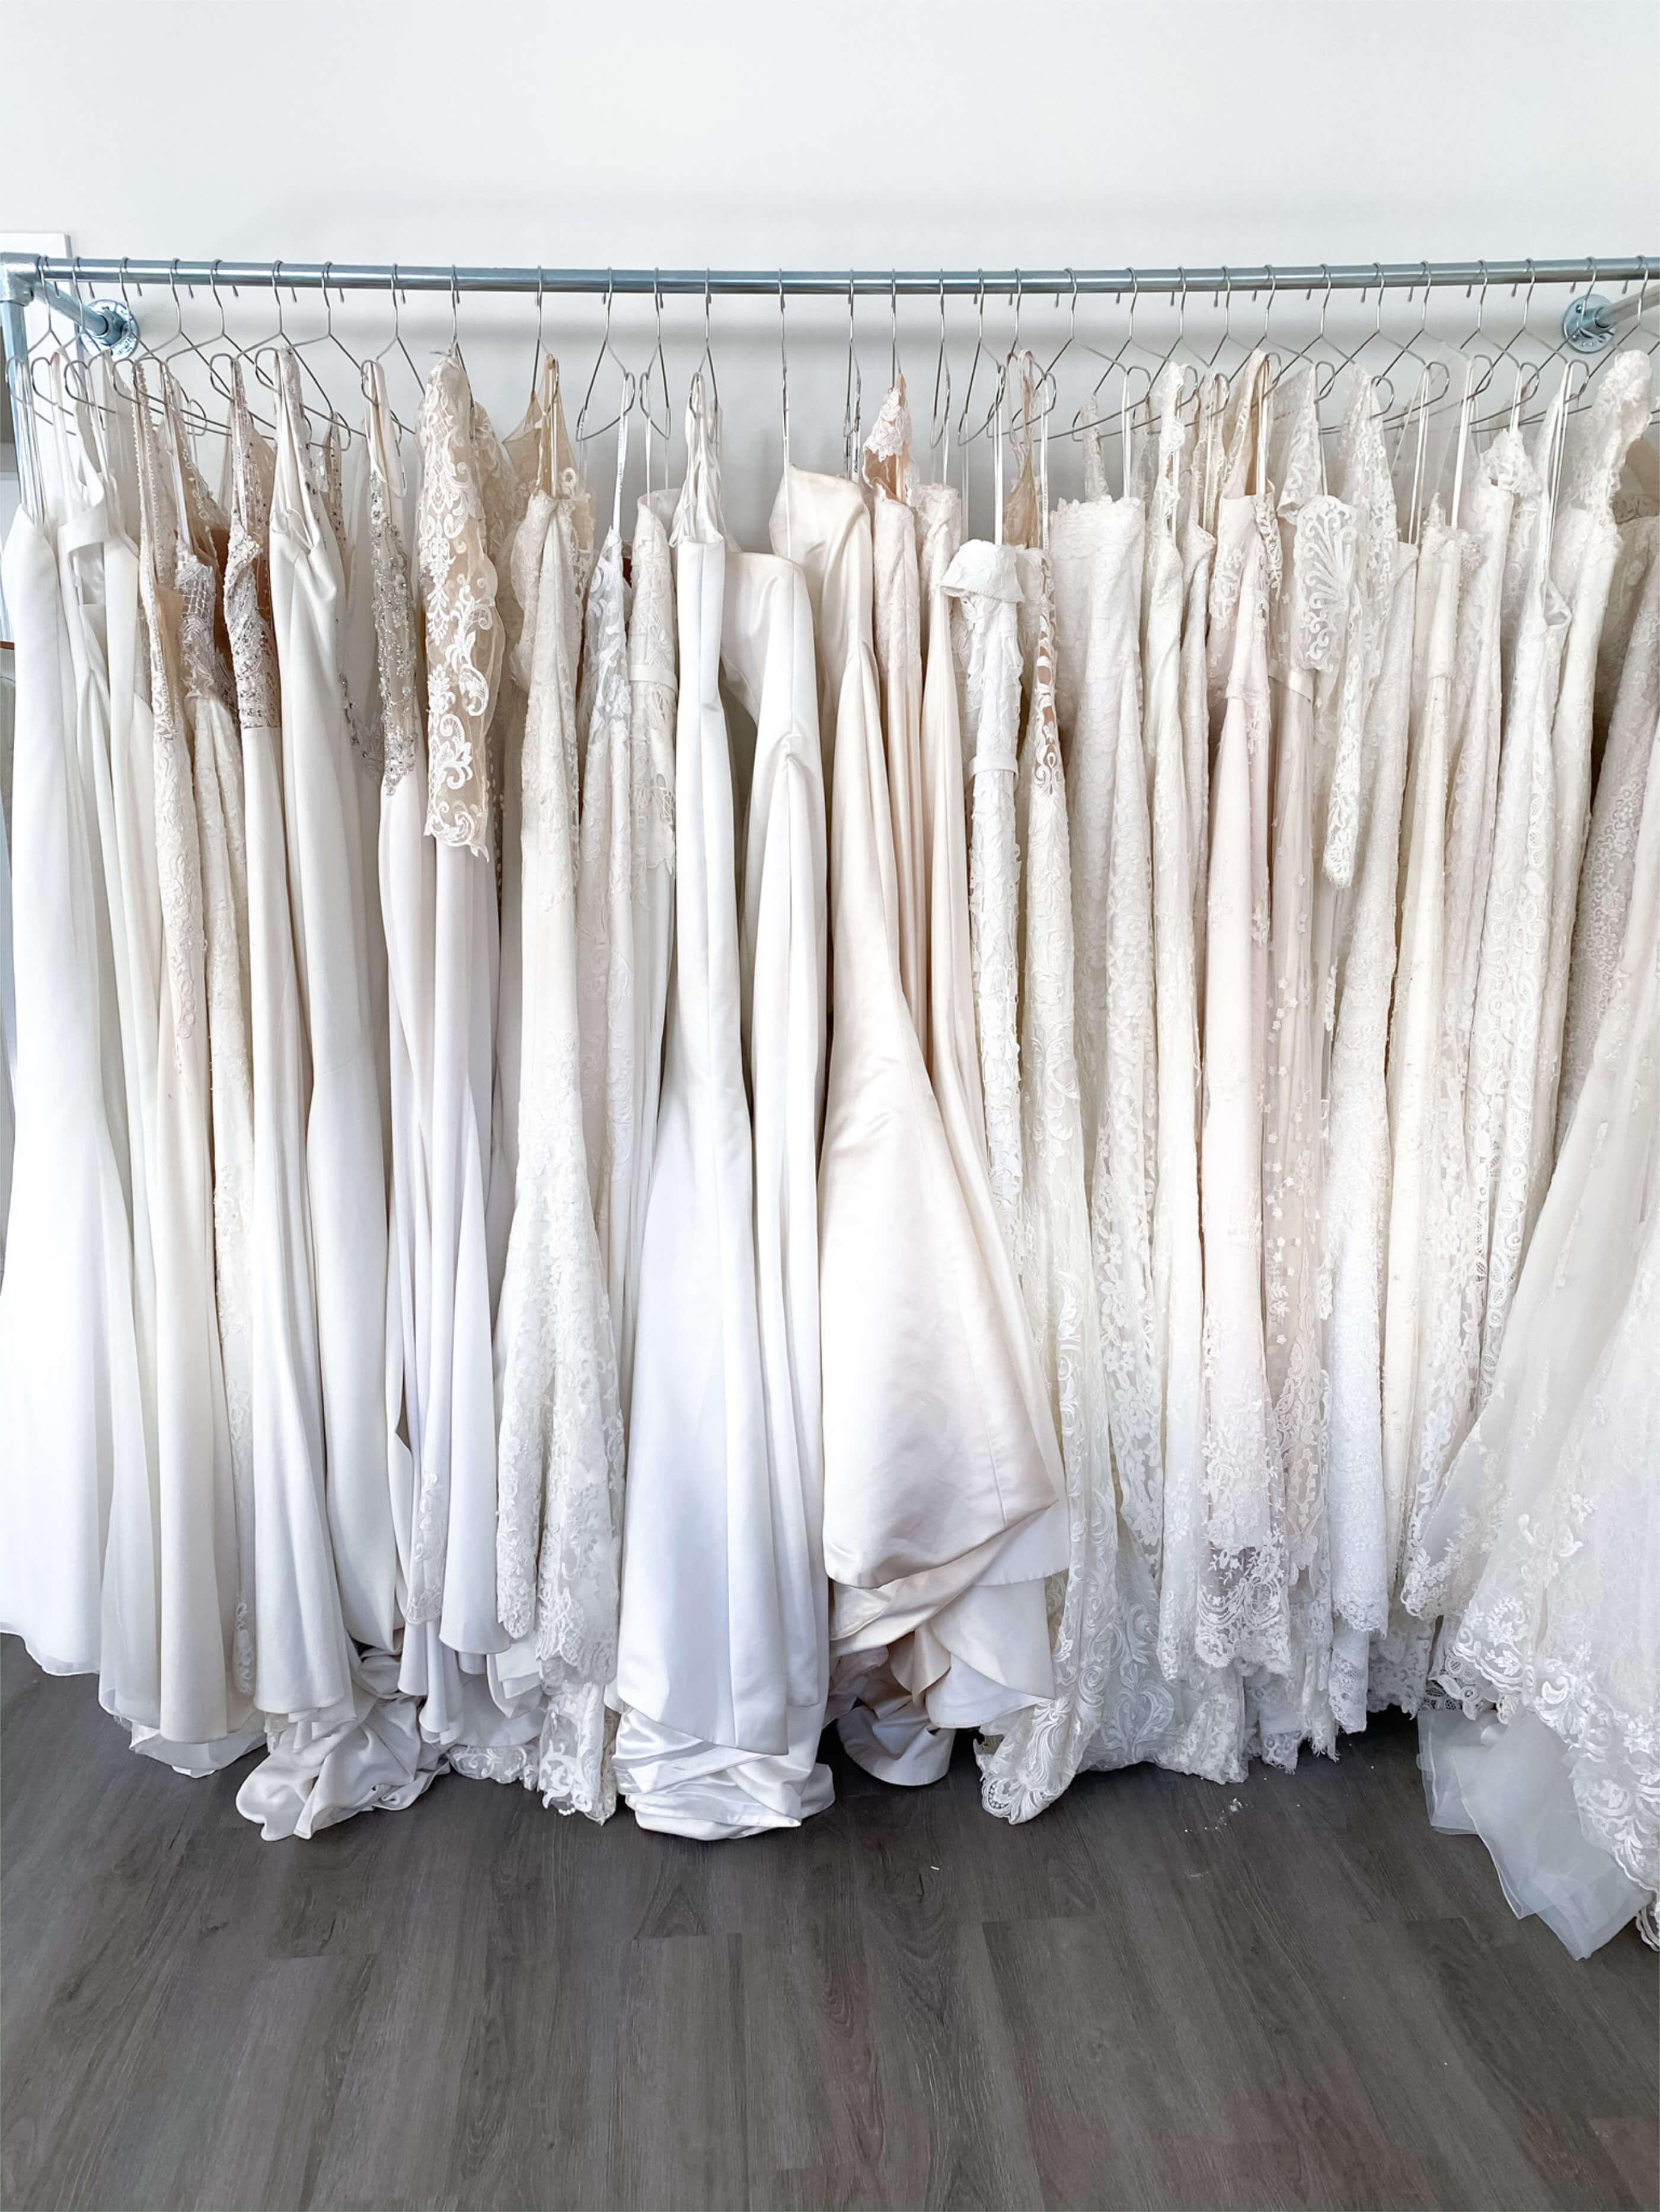 Sample wedding dresses on sale